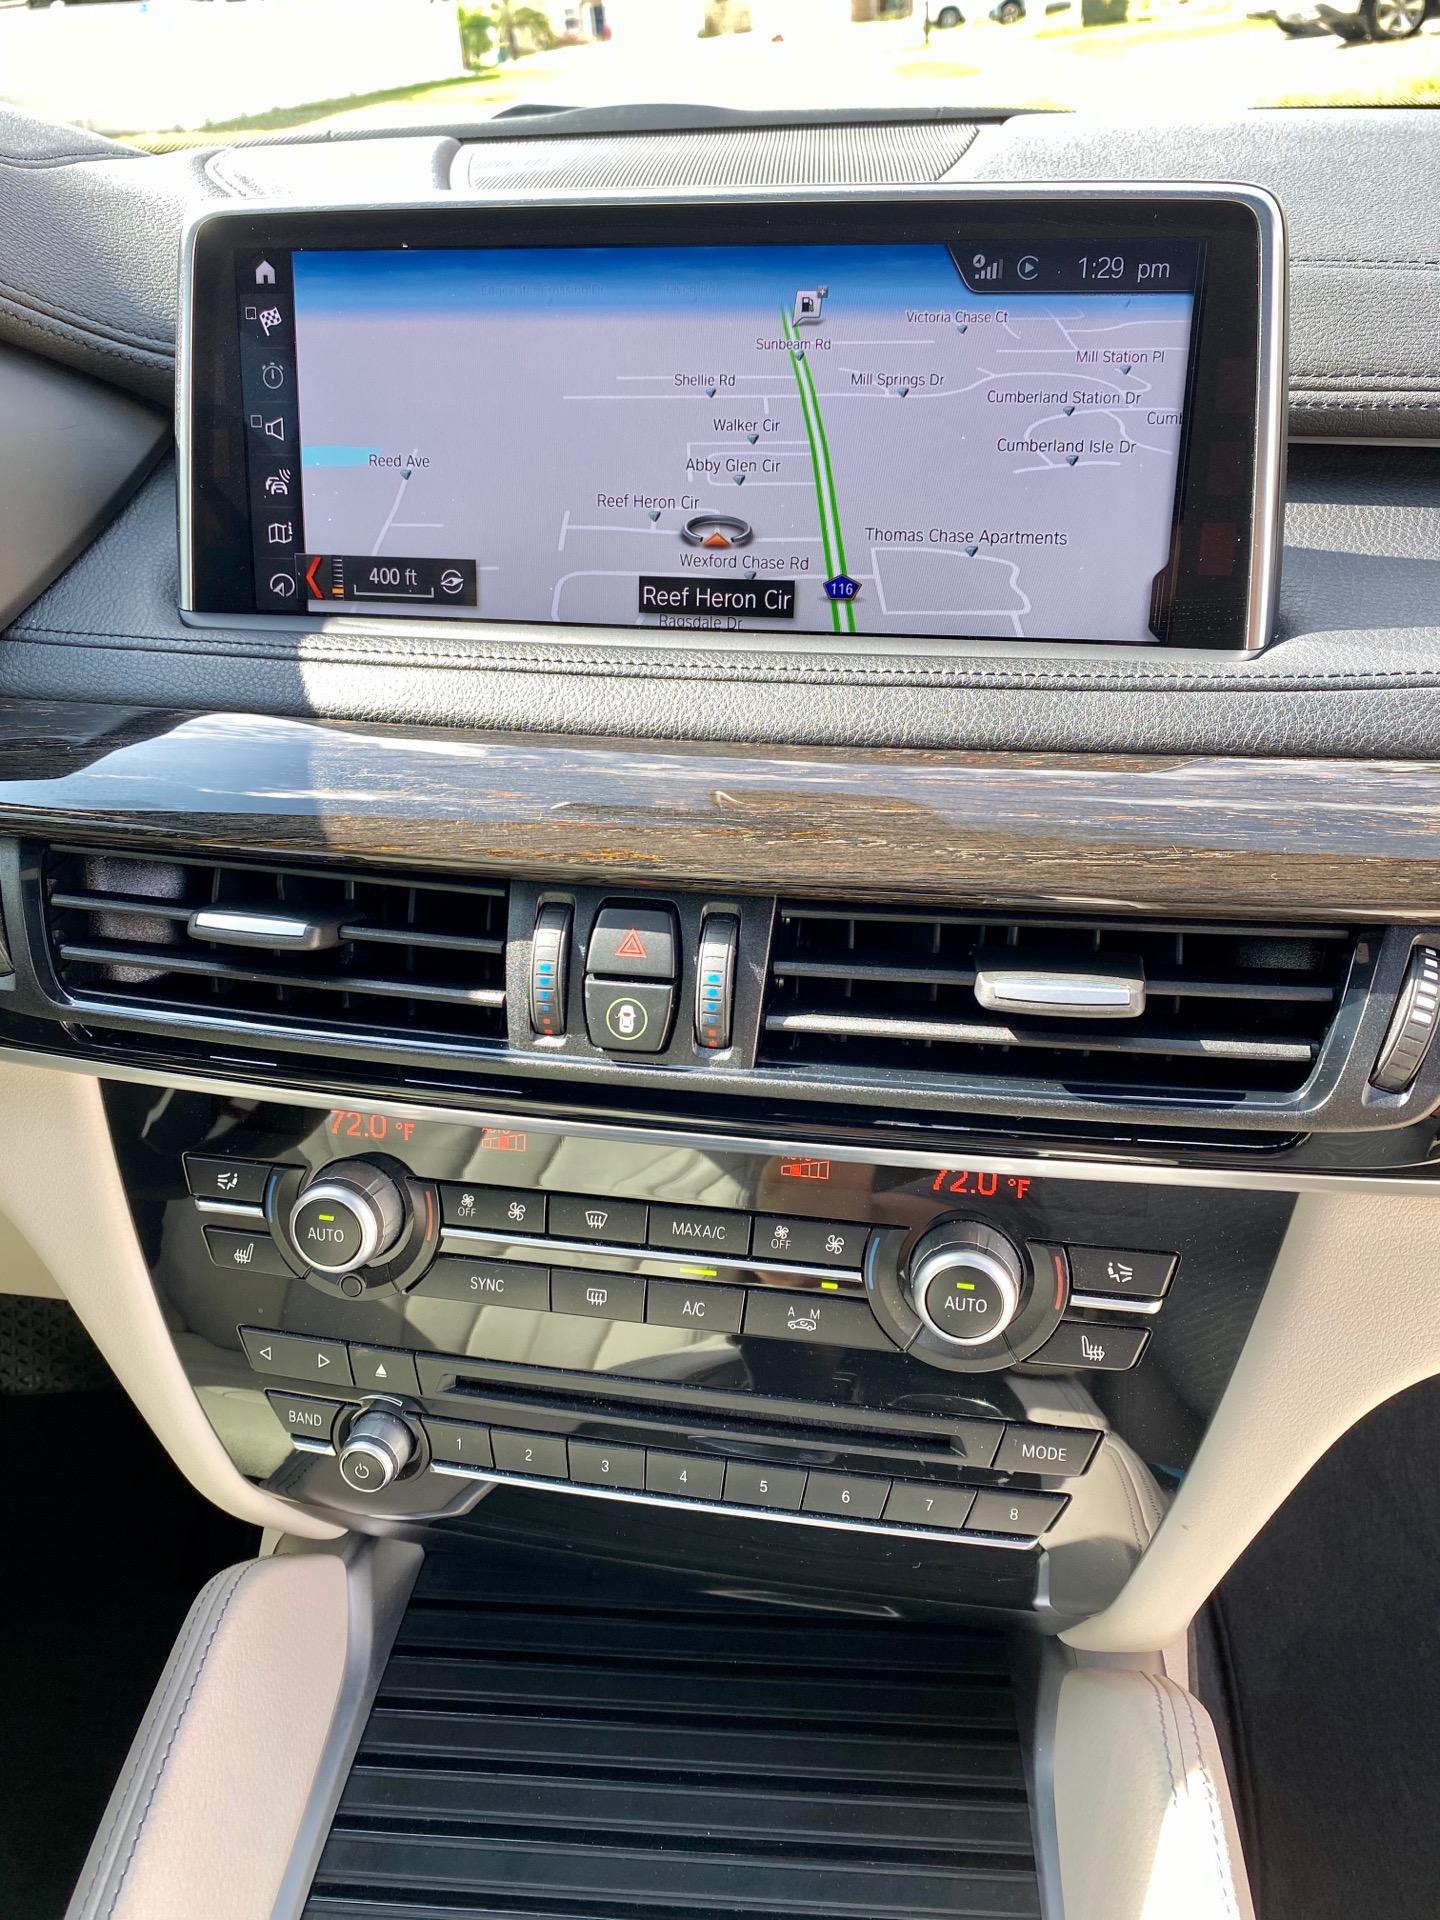 2019 BMW X6 - photo 5